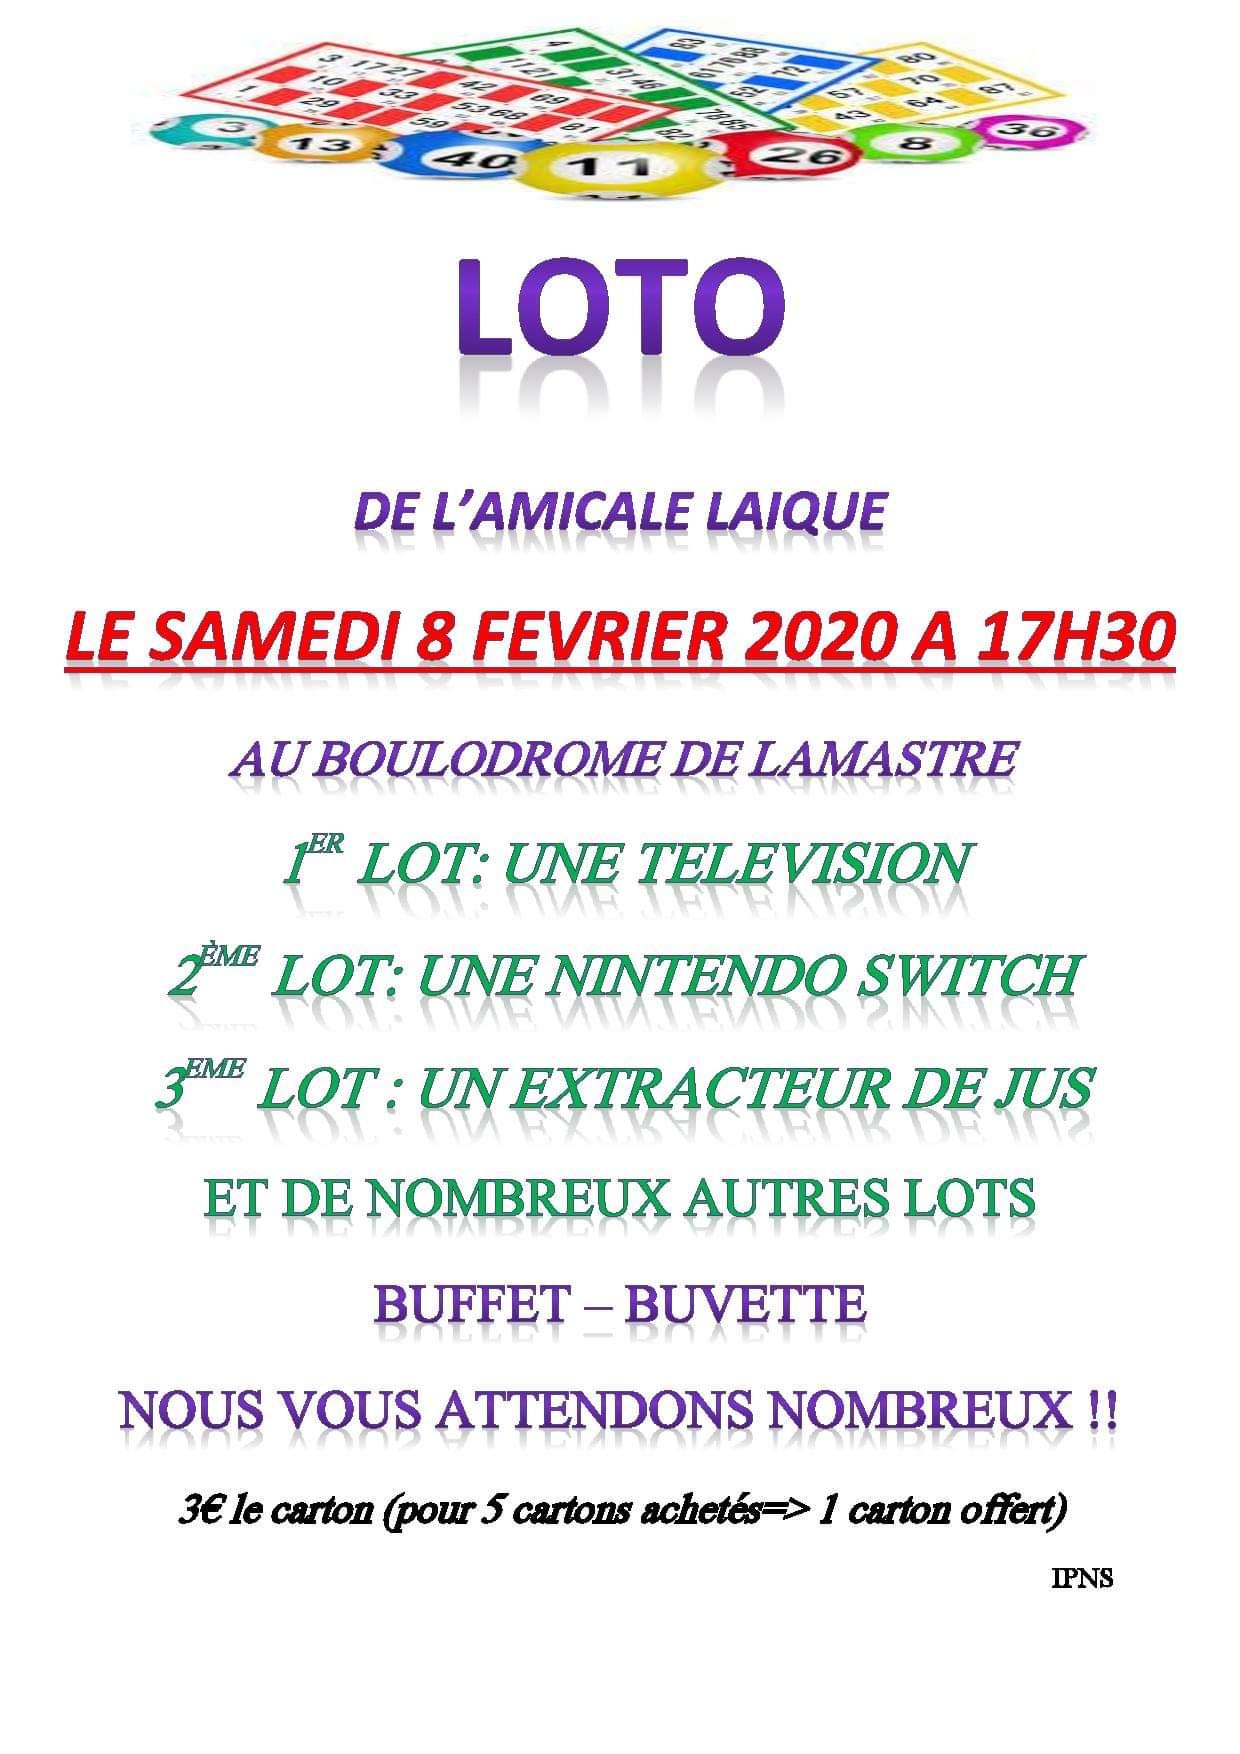 loto amicale laique lamastre 2020